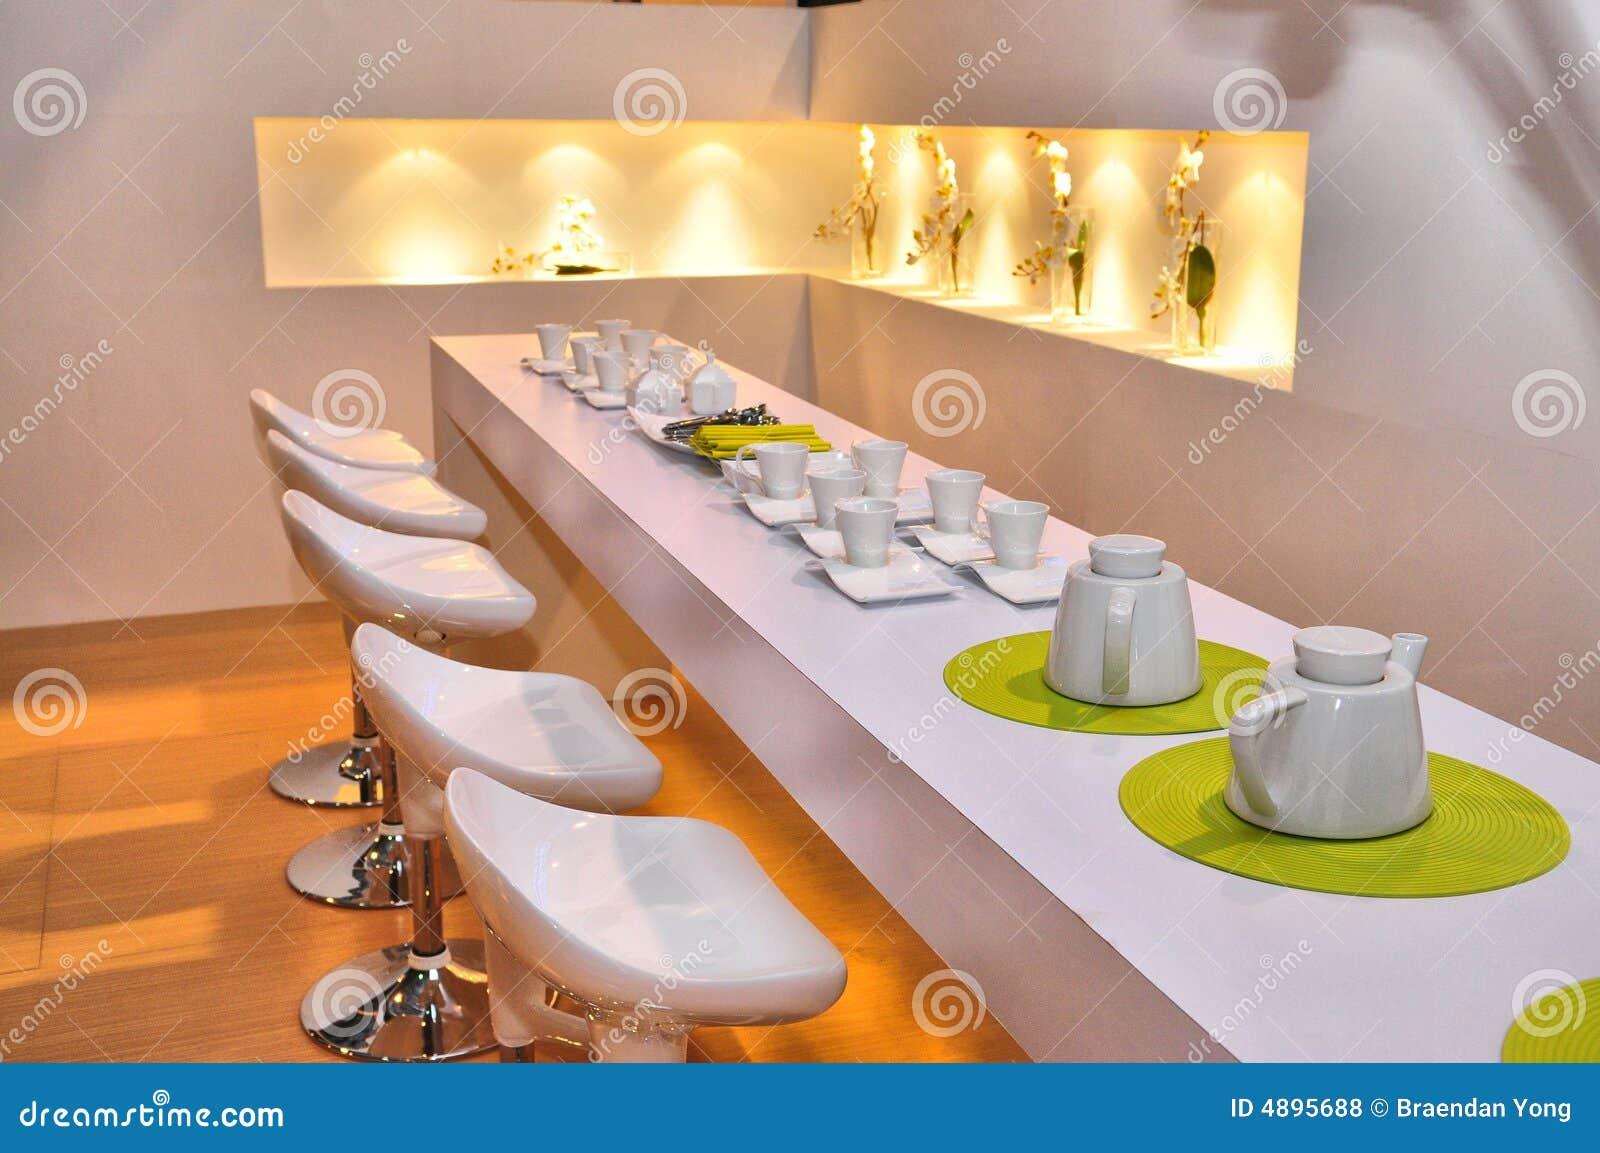 Restaurante moderno fotos de stock royalty free imagem for Planos de restaurantes modernos